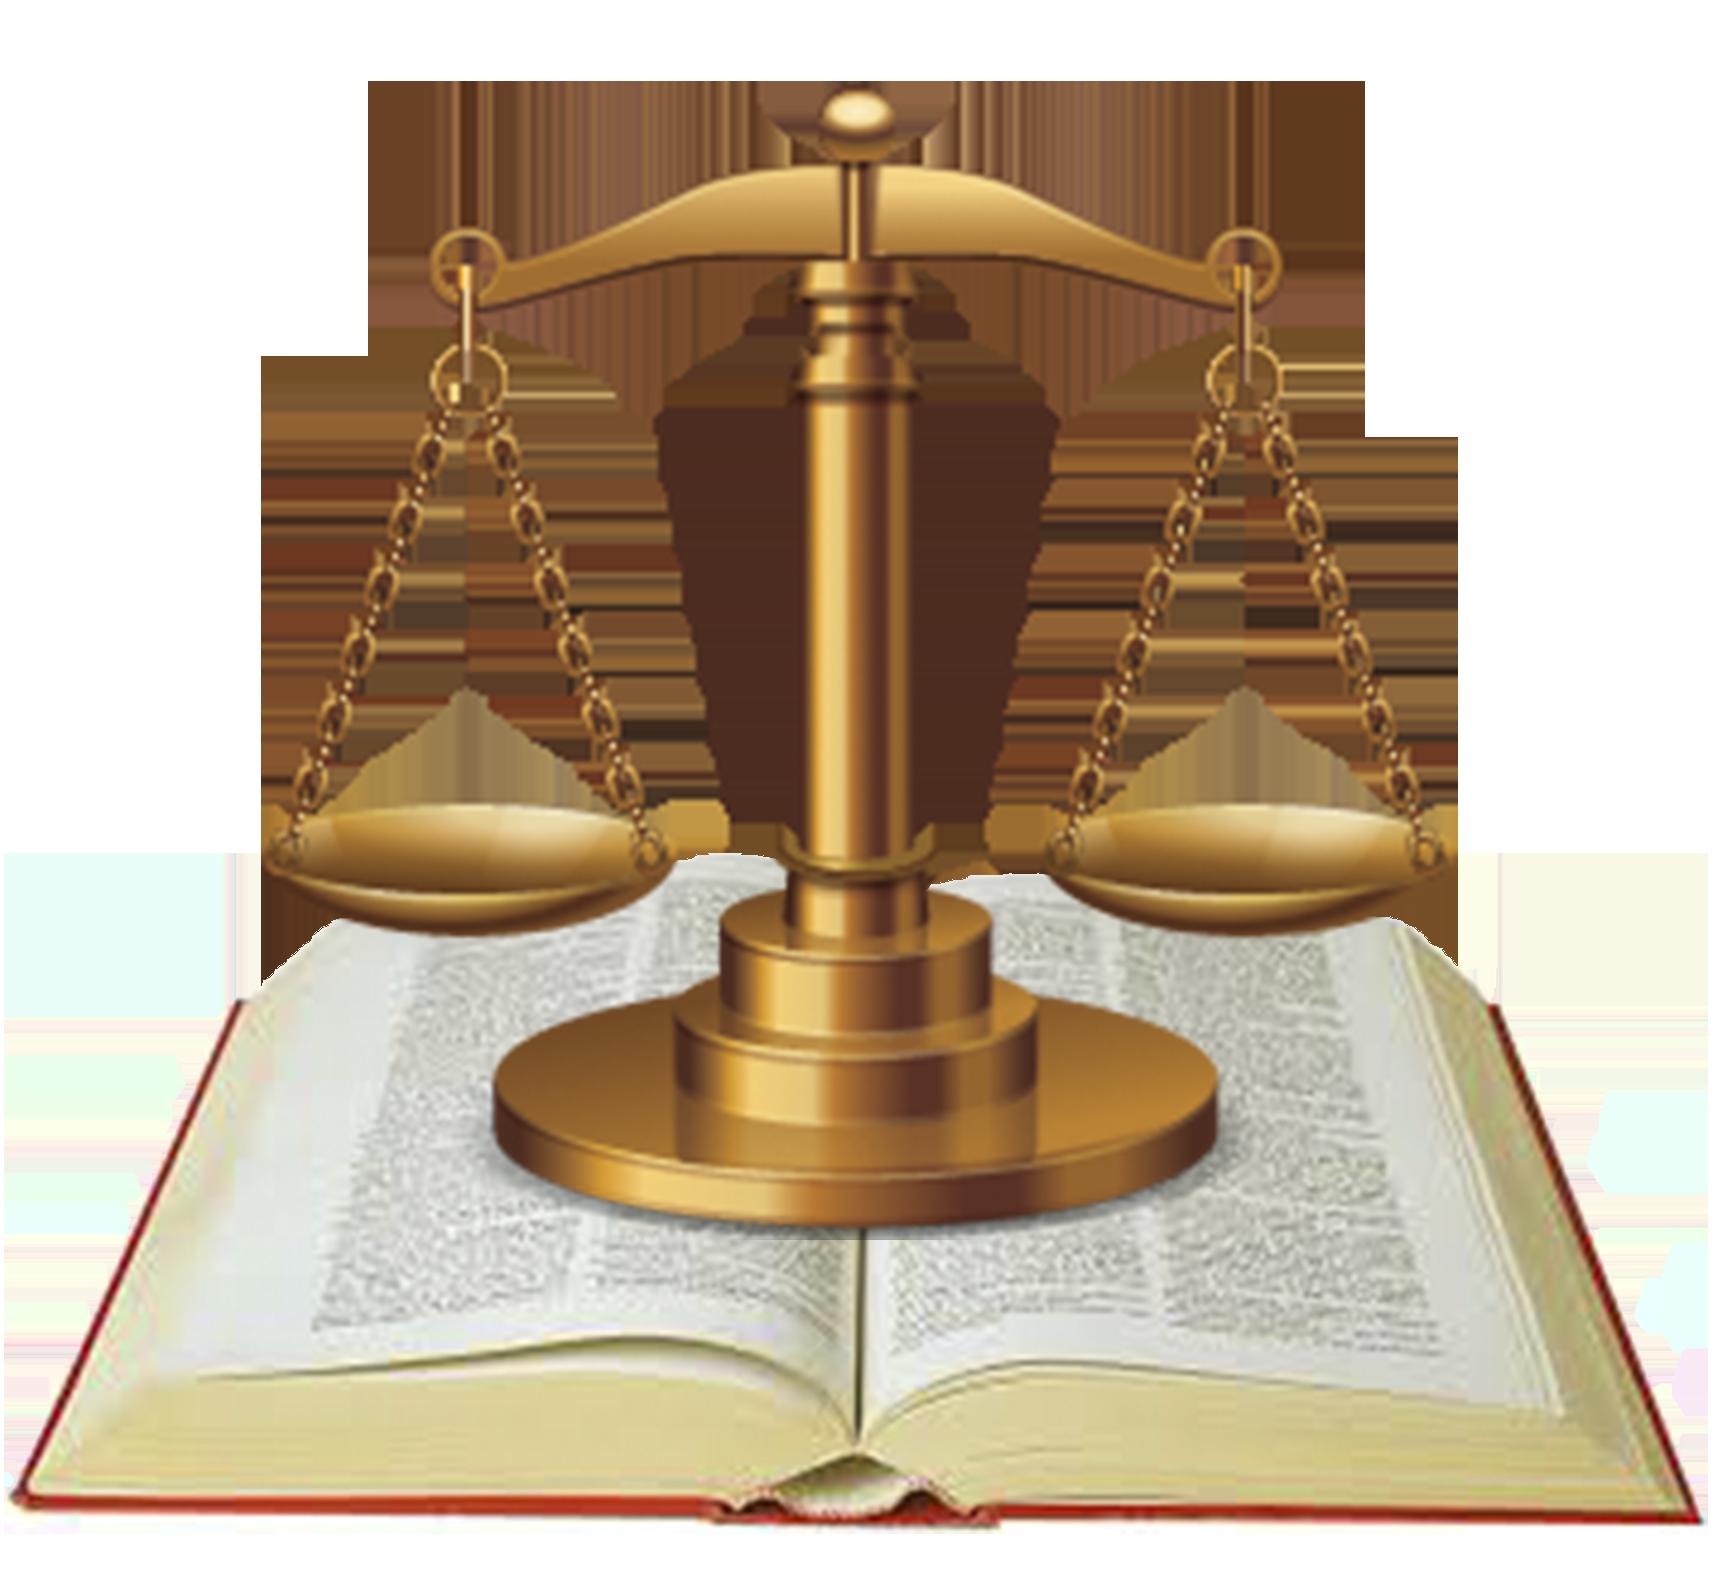 موضوعات أبحاث مقرارات الفرقة الاولى ( شعبة اللغة الانجليزية ) والرابط الخاص بكل مقرر الفصل الدراسي الثاني 2019-2020م